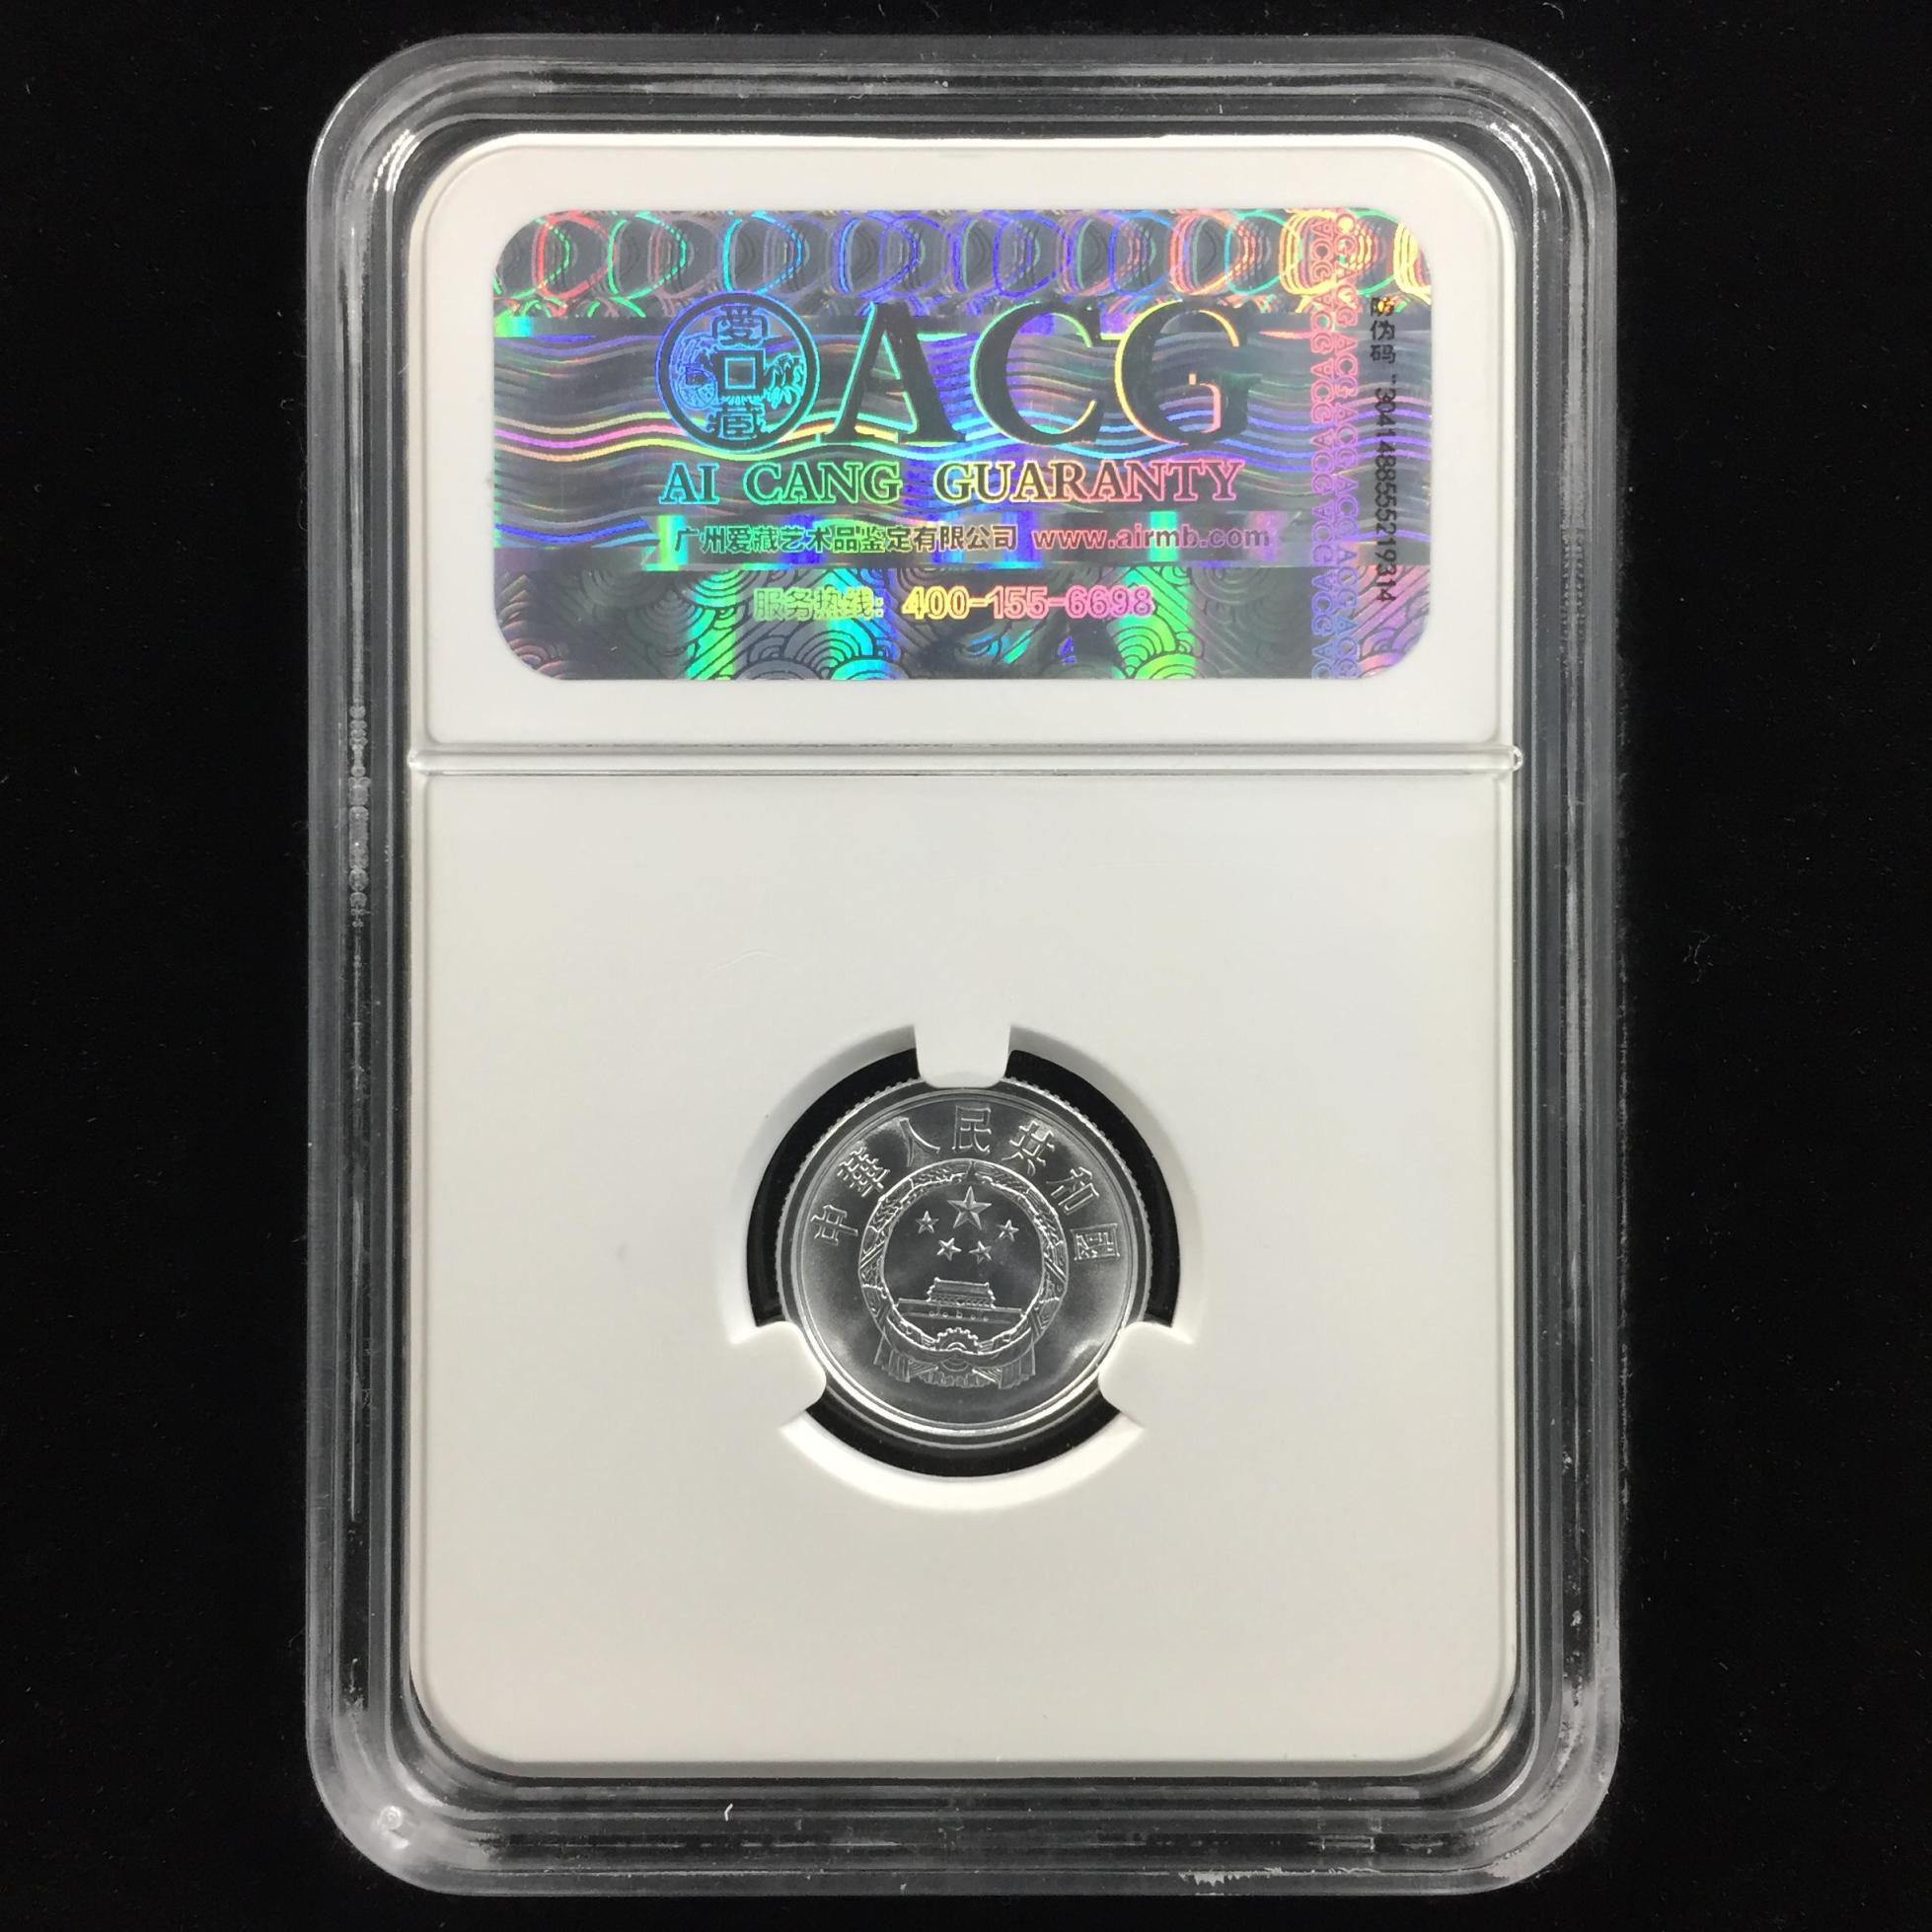 双齿币→2013年1分硬币→ACG鉴定证书-10768264